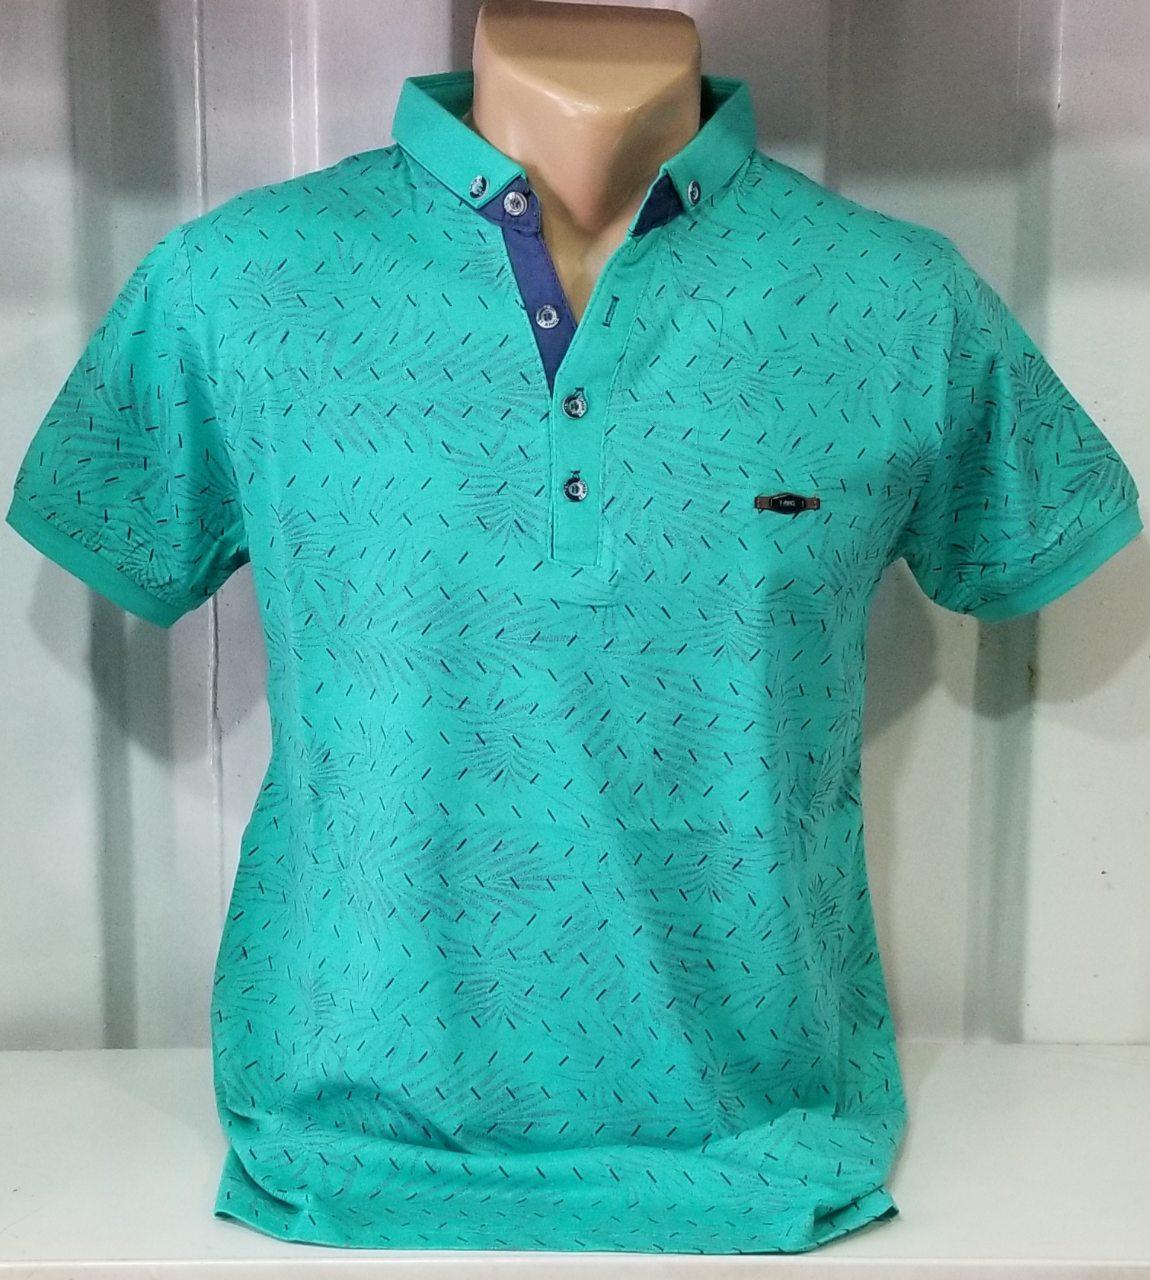 efbc9ba8bb41186 Мужская футболка поло с рисунком соты зеленая - Интернет-магазина